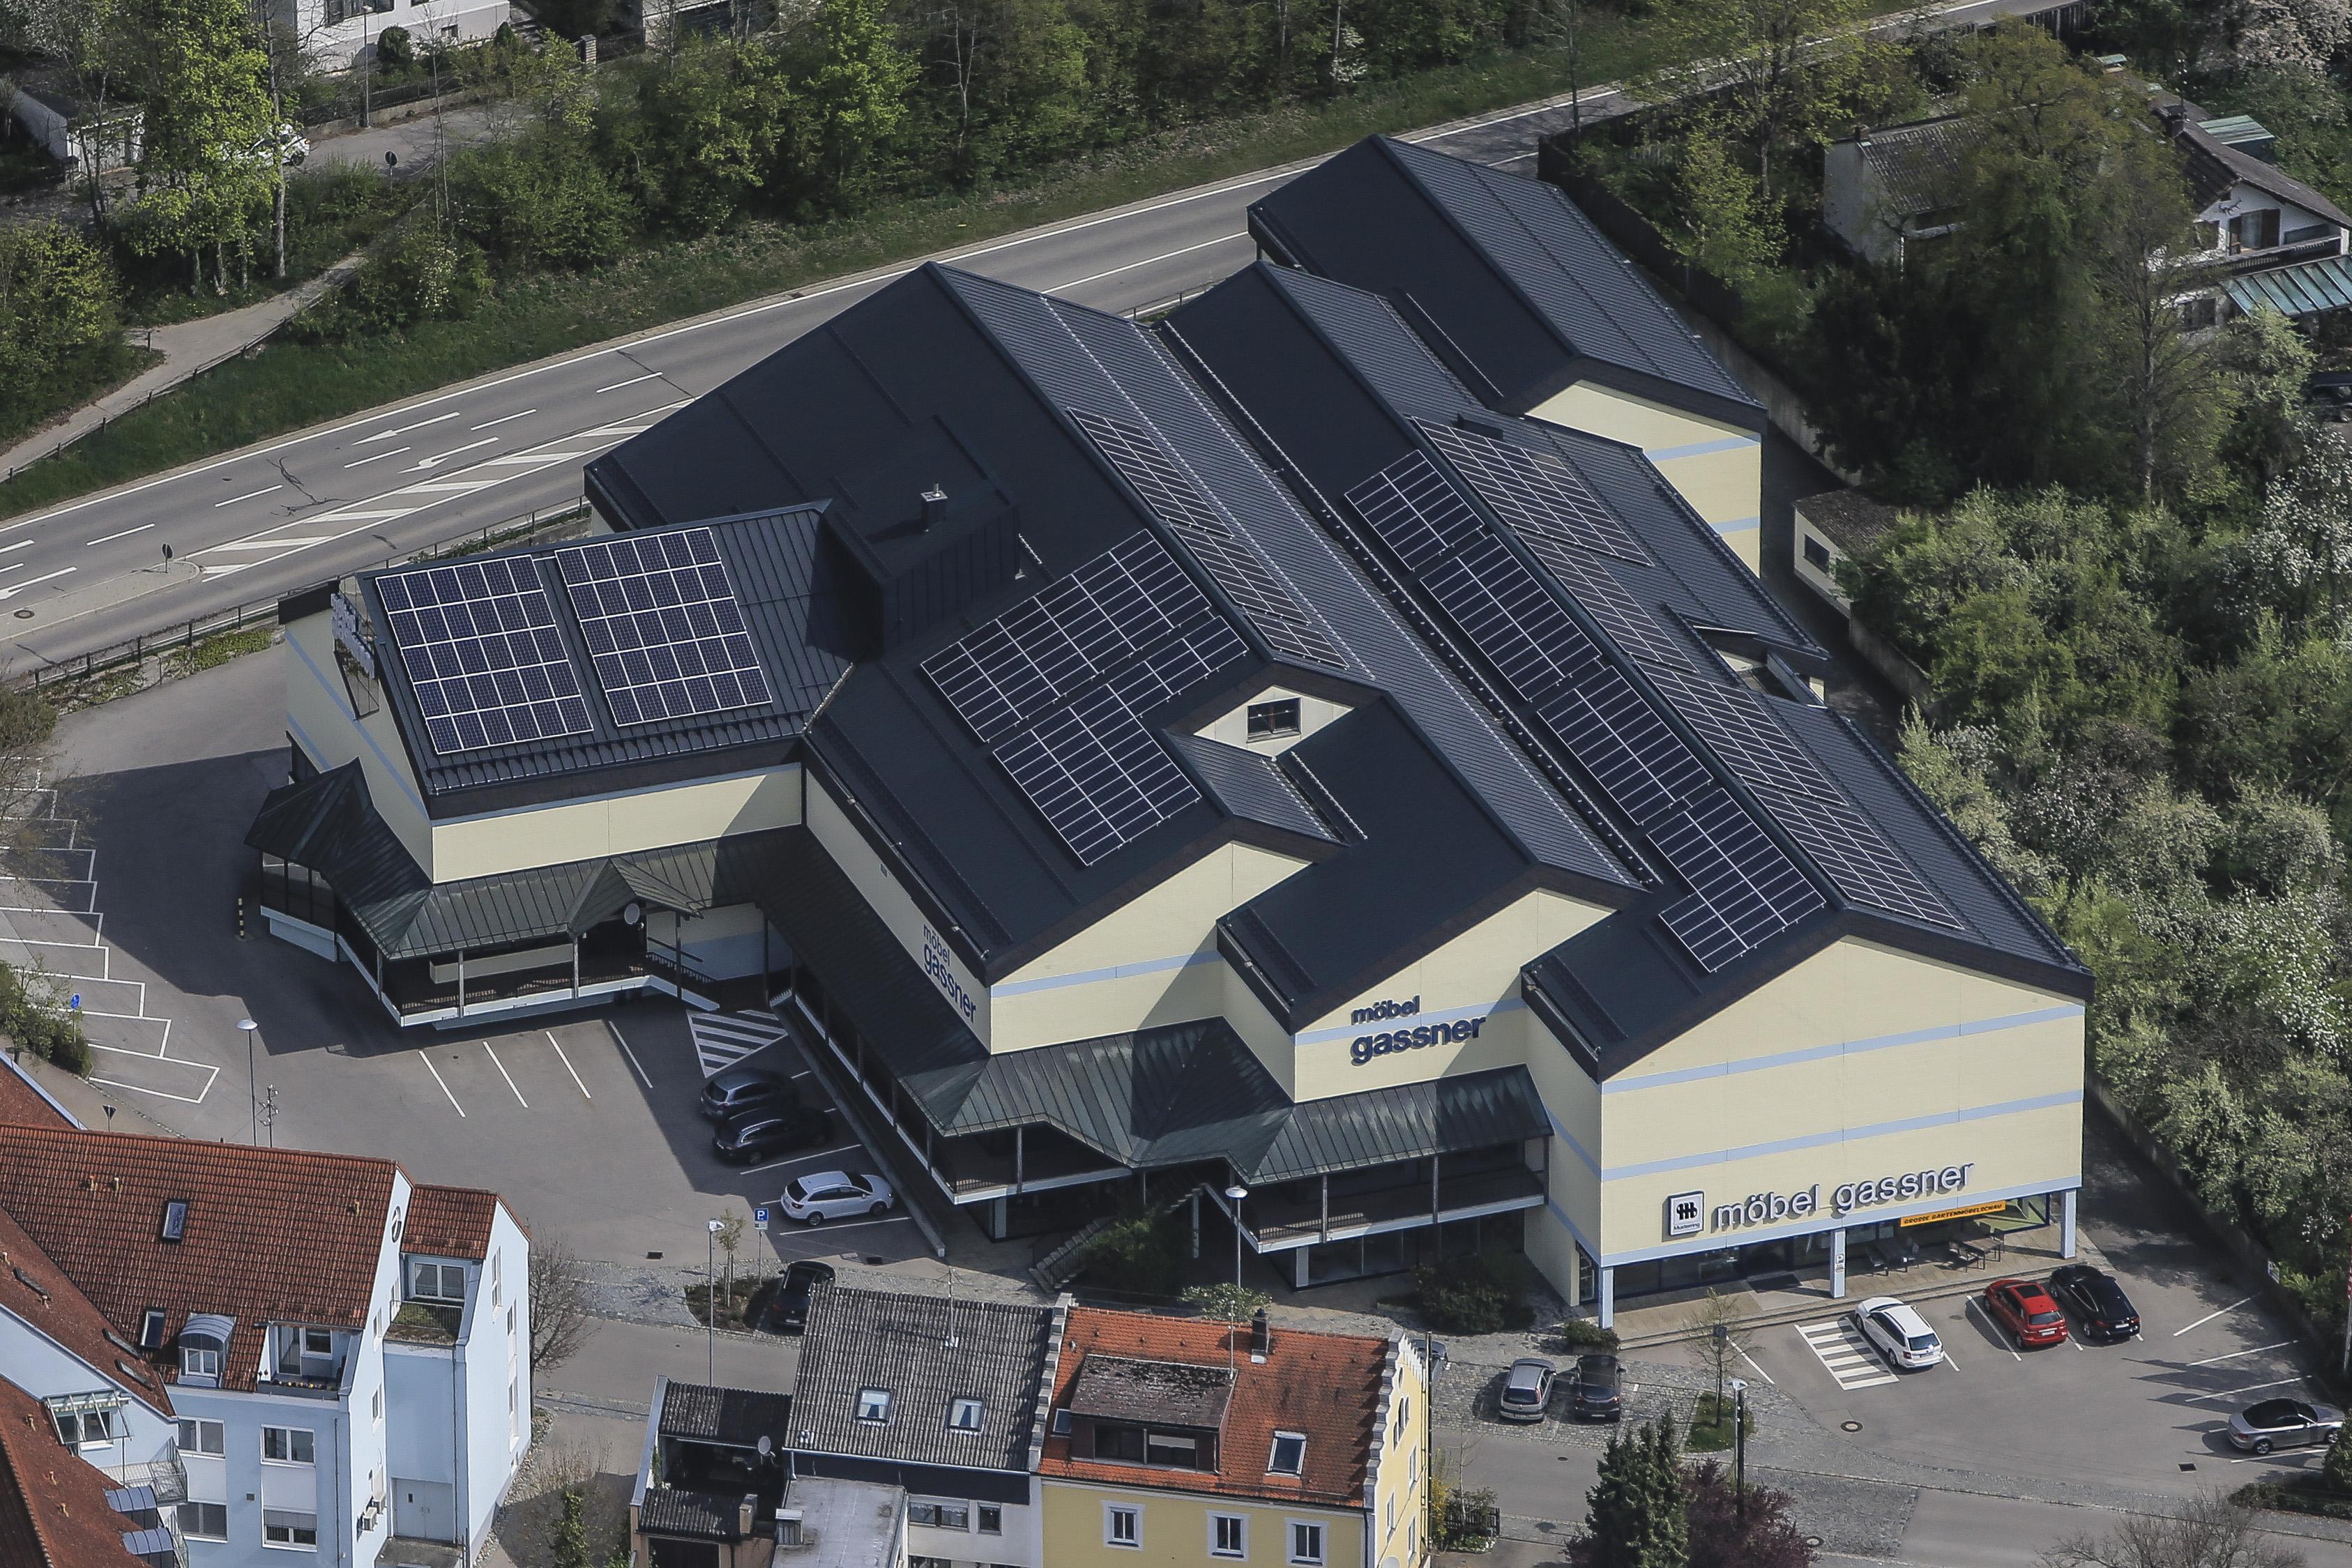 Pv Dachanlage Versorgt Möbelhaus Mit Kostengünstigem Solarstrom